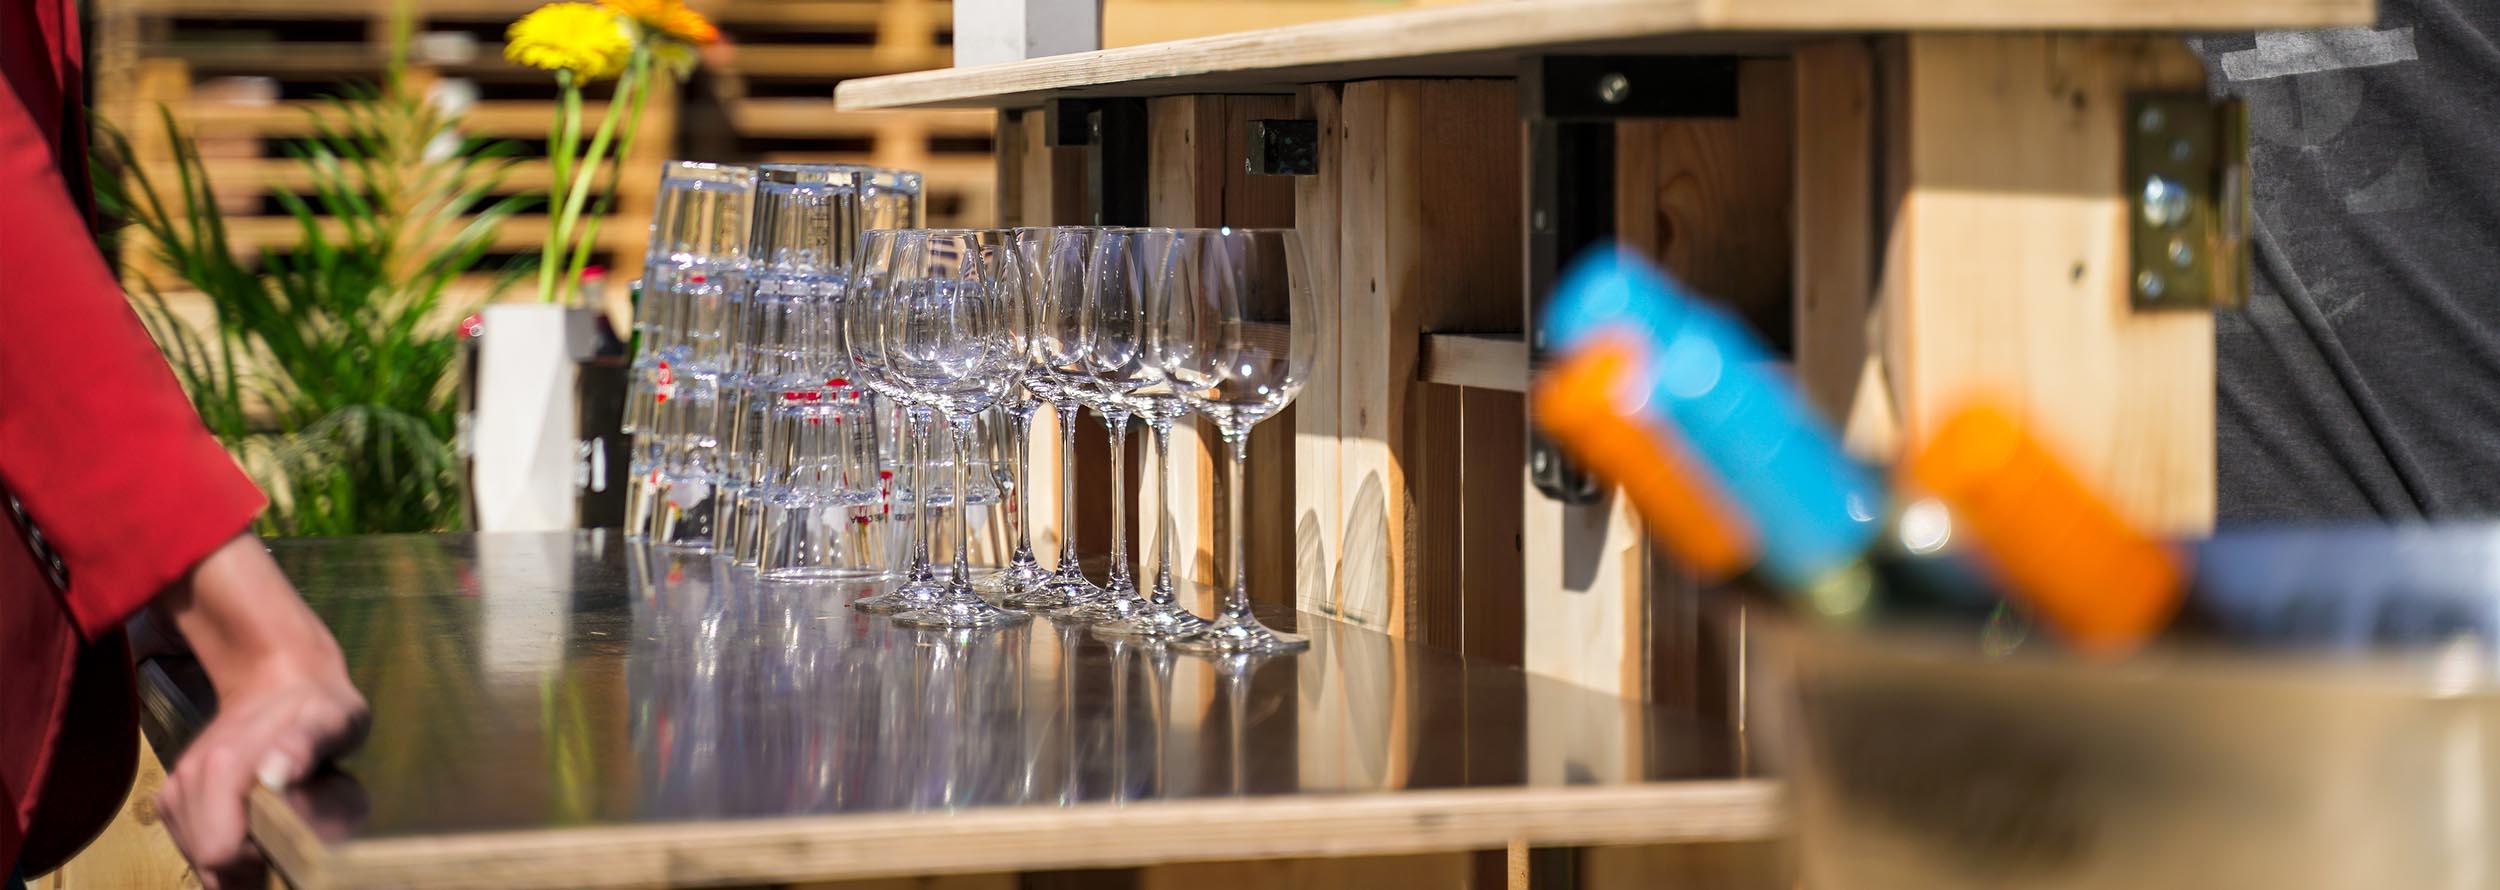 Full Size of Bar Kaufen Paletten Bei Schüco Fenster Bartisch Küche Gebrauchte Duschen Betten In Polen Ausklappbares Bett Runder Esstisch Ausziehbar Whirlpool Garten Wohnzimmer Bar Kaufen